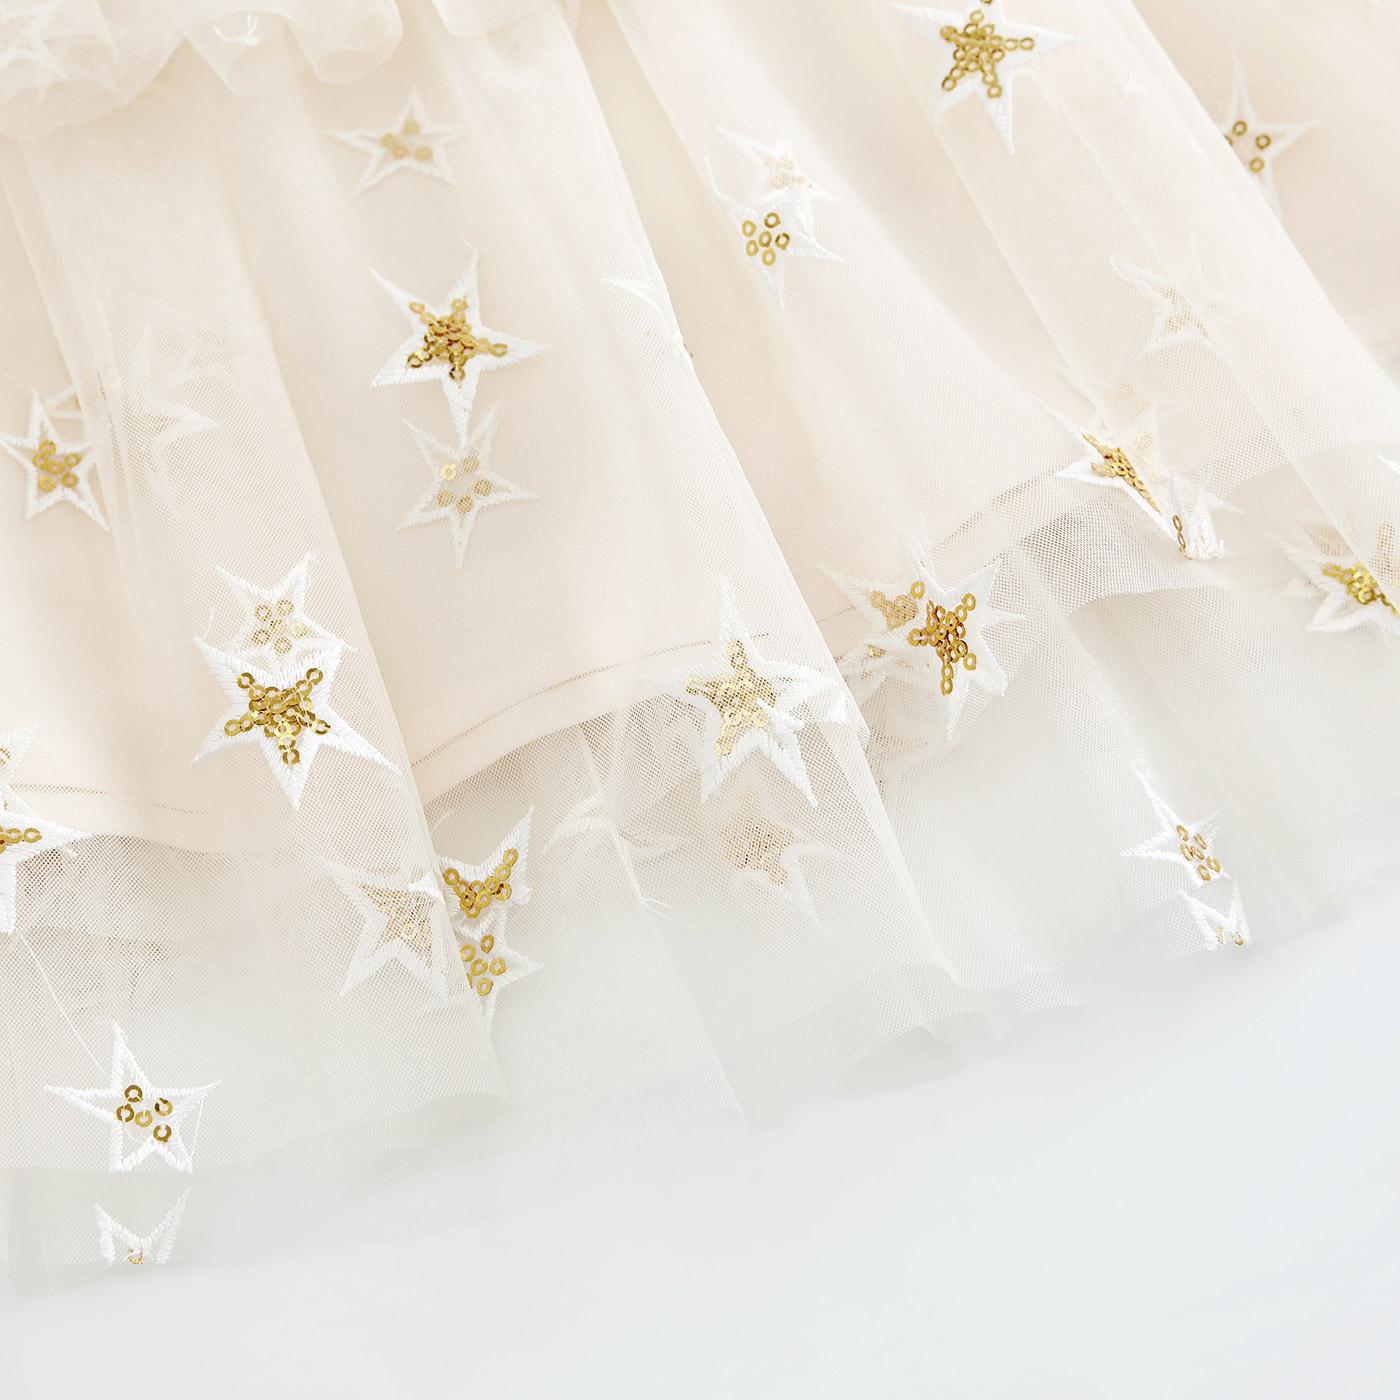 糖力2018夏装新款欧美女装裸色甜美亮片星星刺绣多层网纱吊带上衣